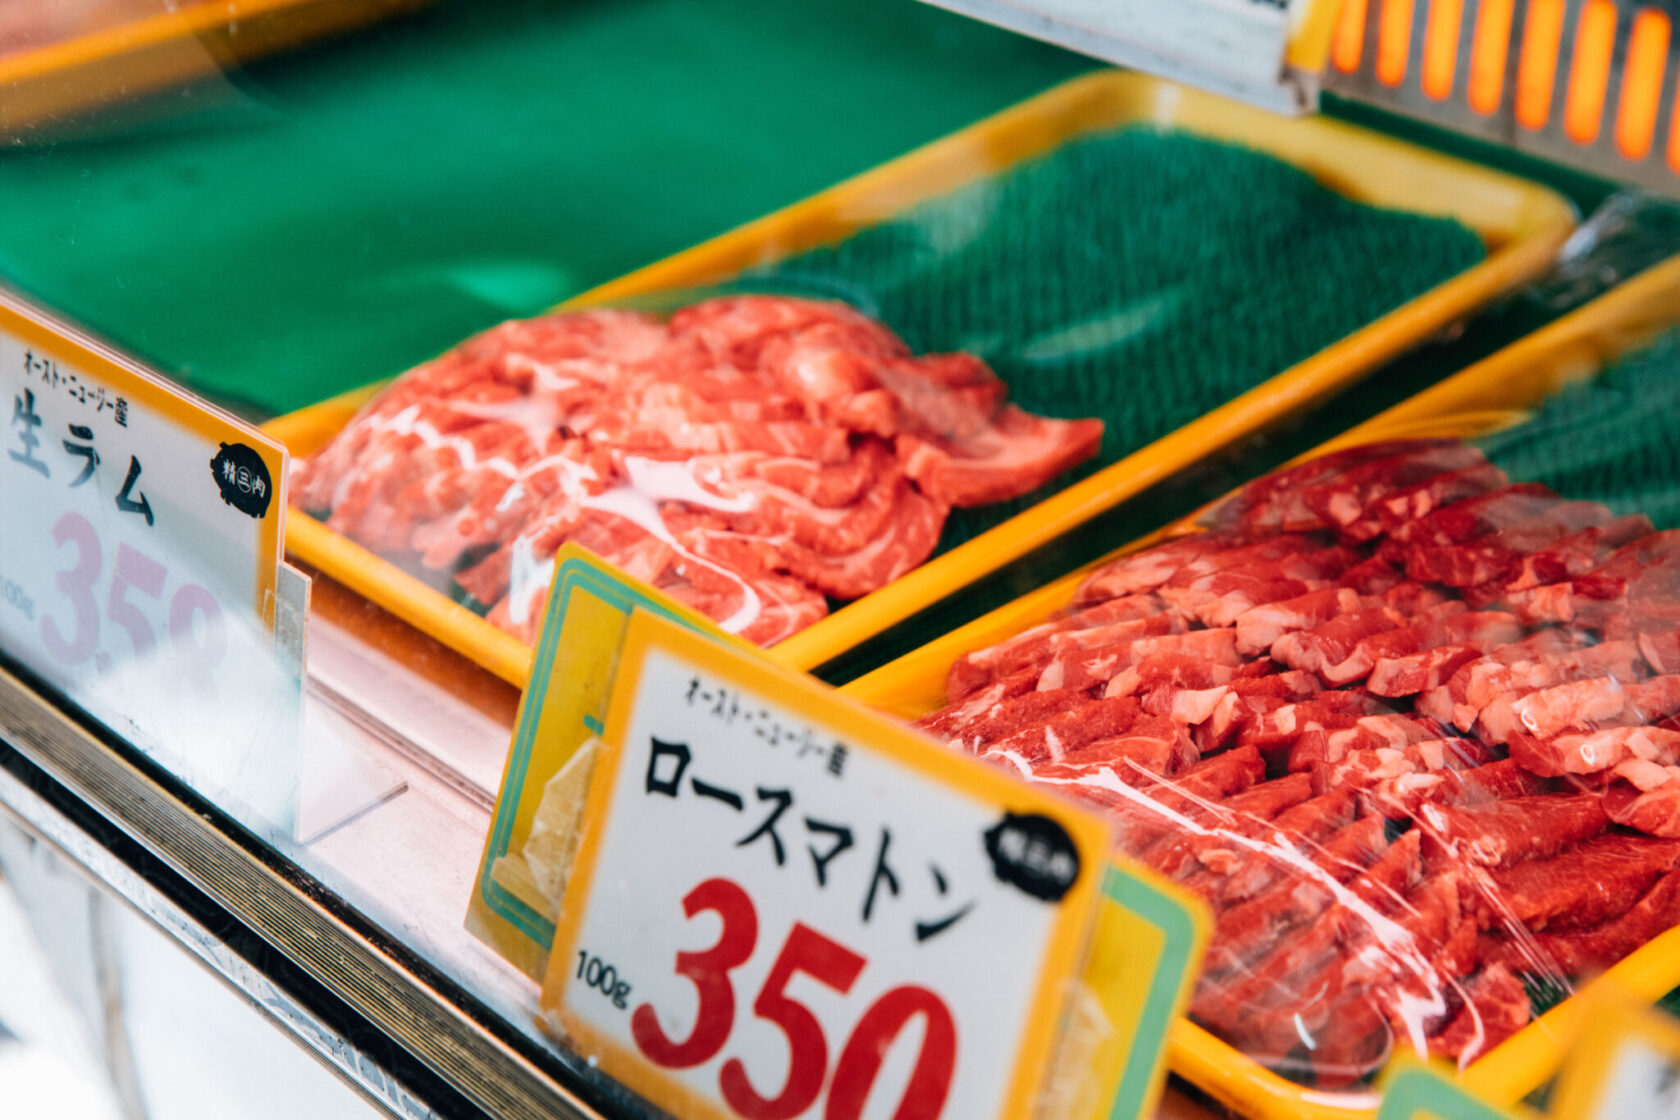 併設する精肉店では、マトンやラムといった羊肉も販売。